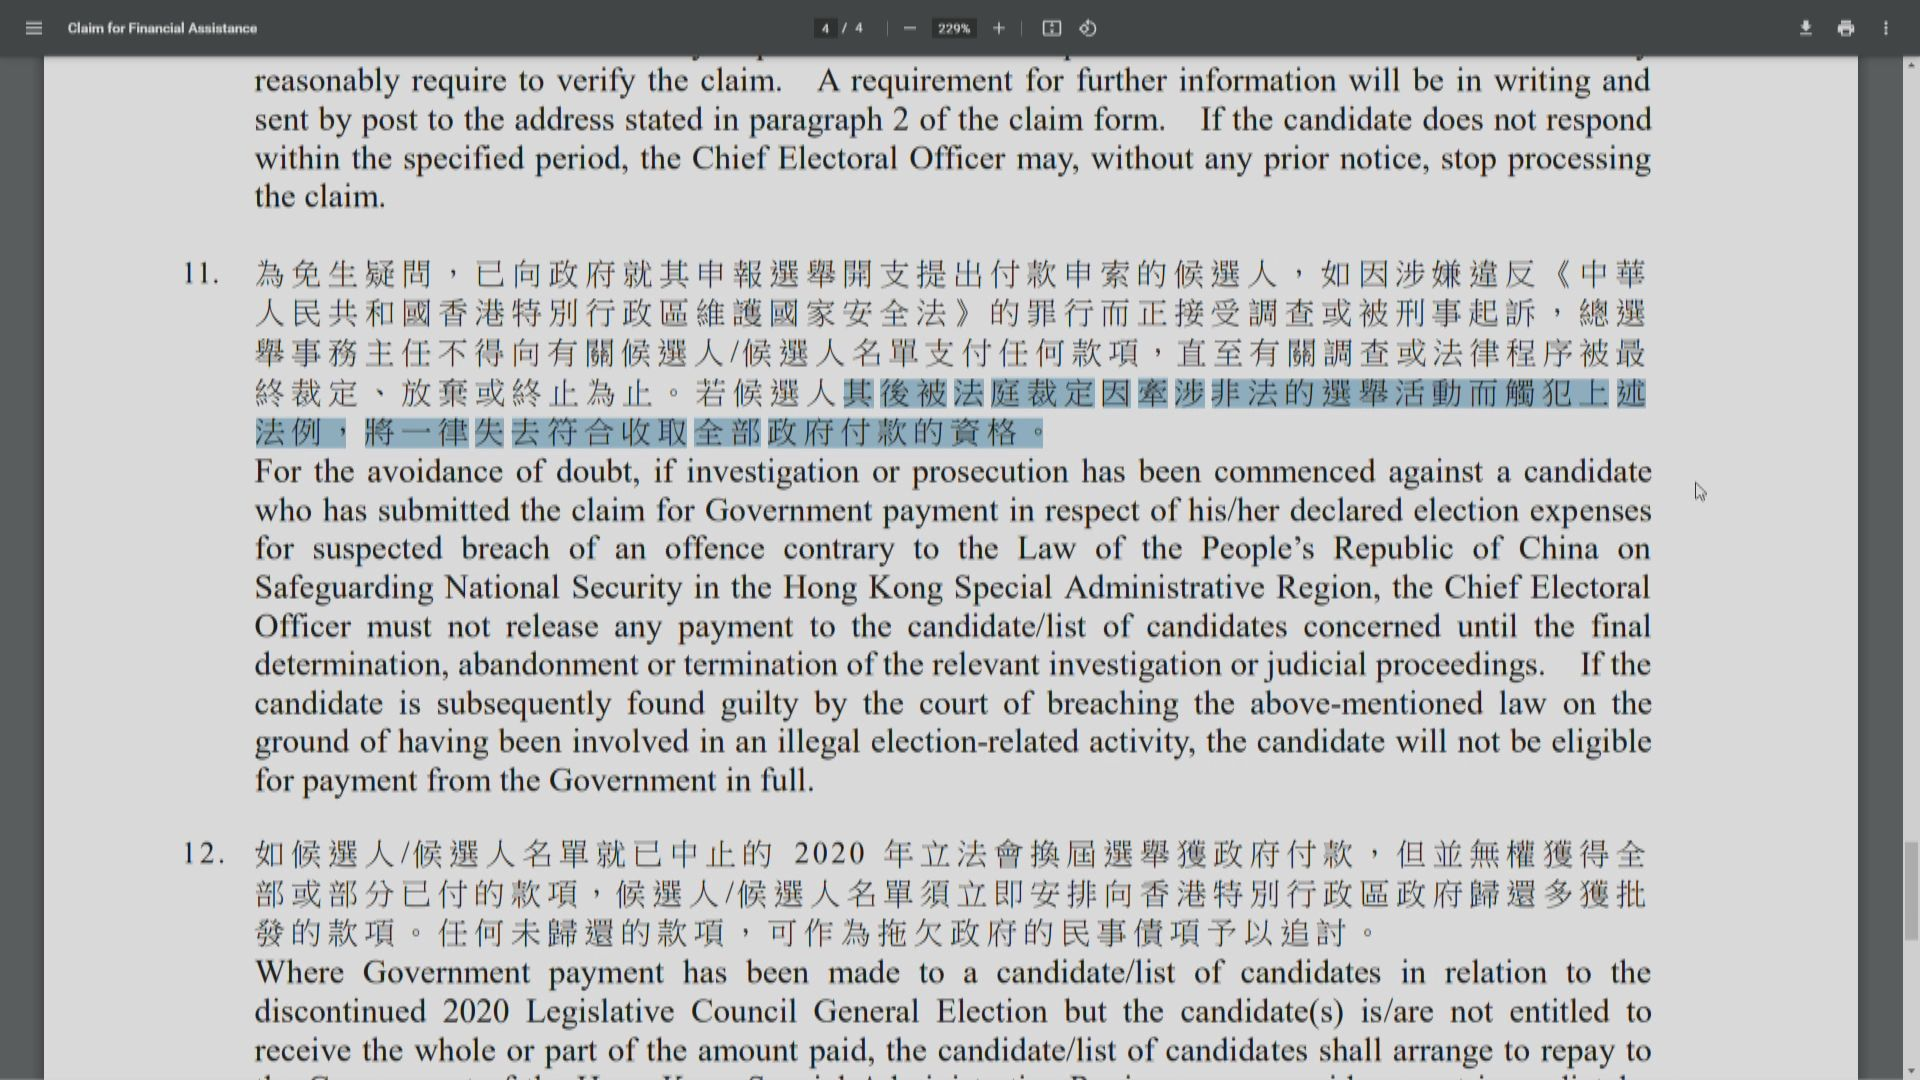 政府改選舉指引 候選人涉國安法不獲發還開支